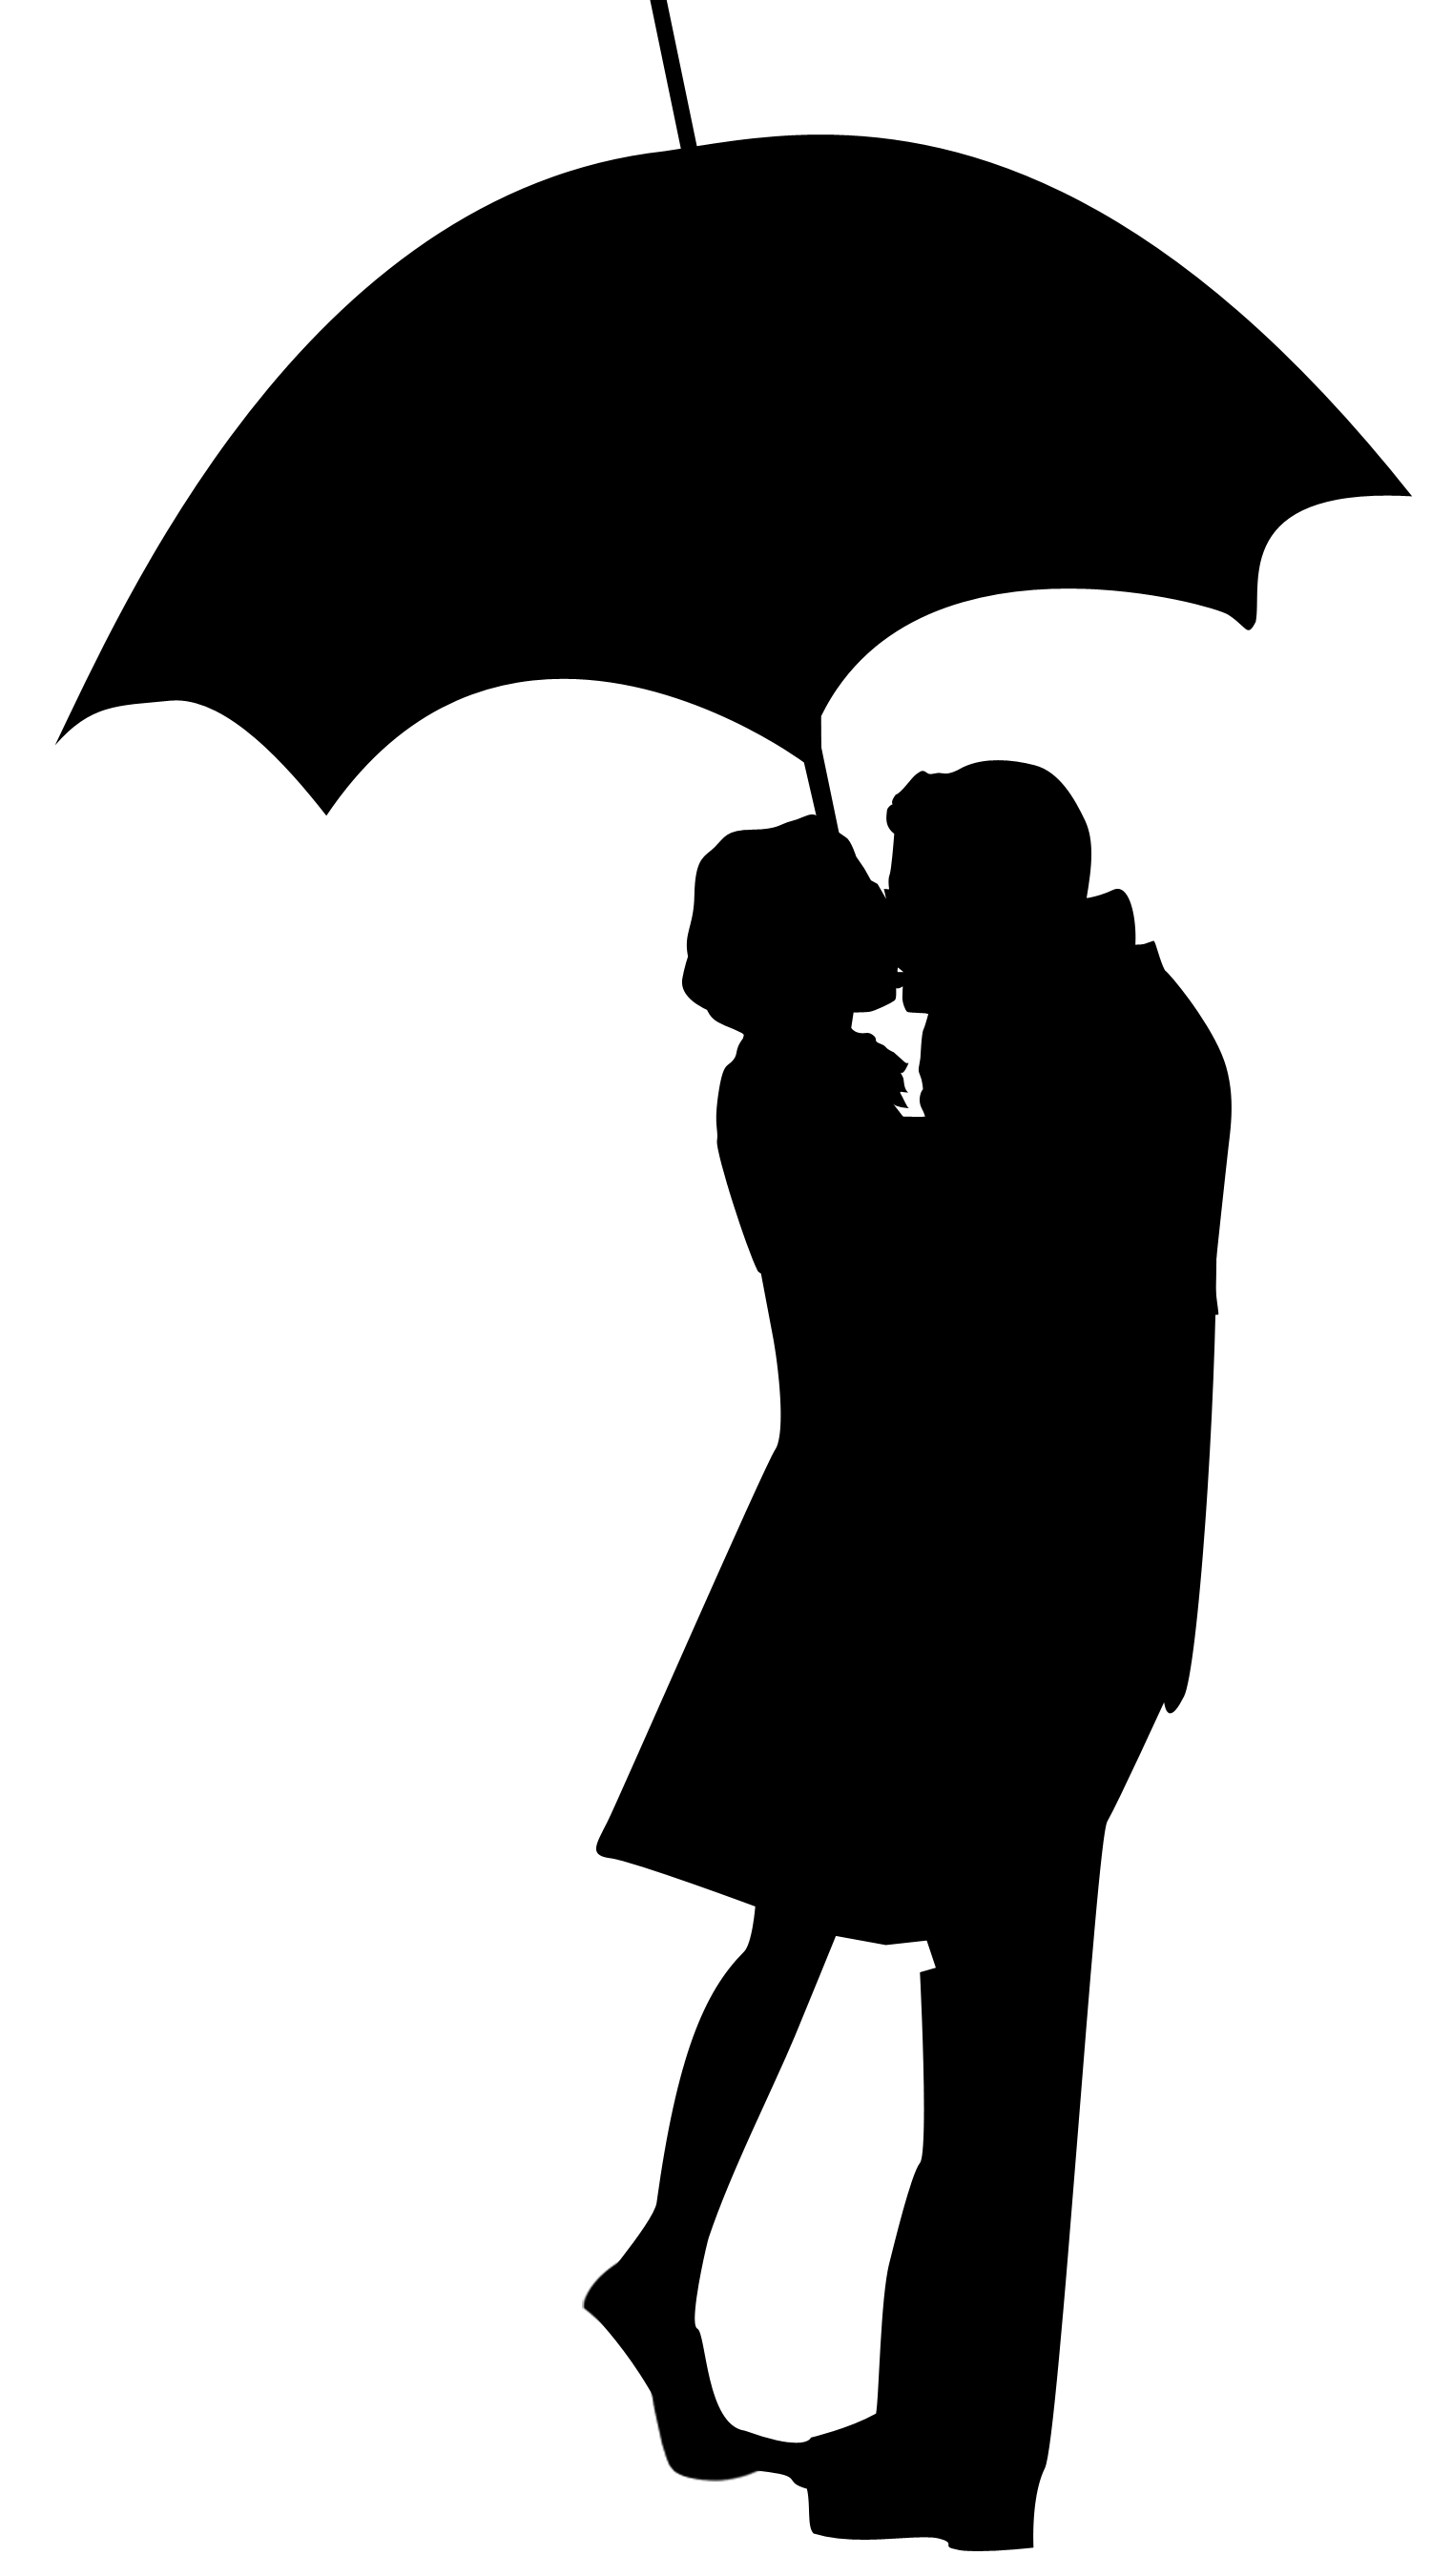 Shadow clipart umbrella #3